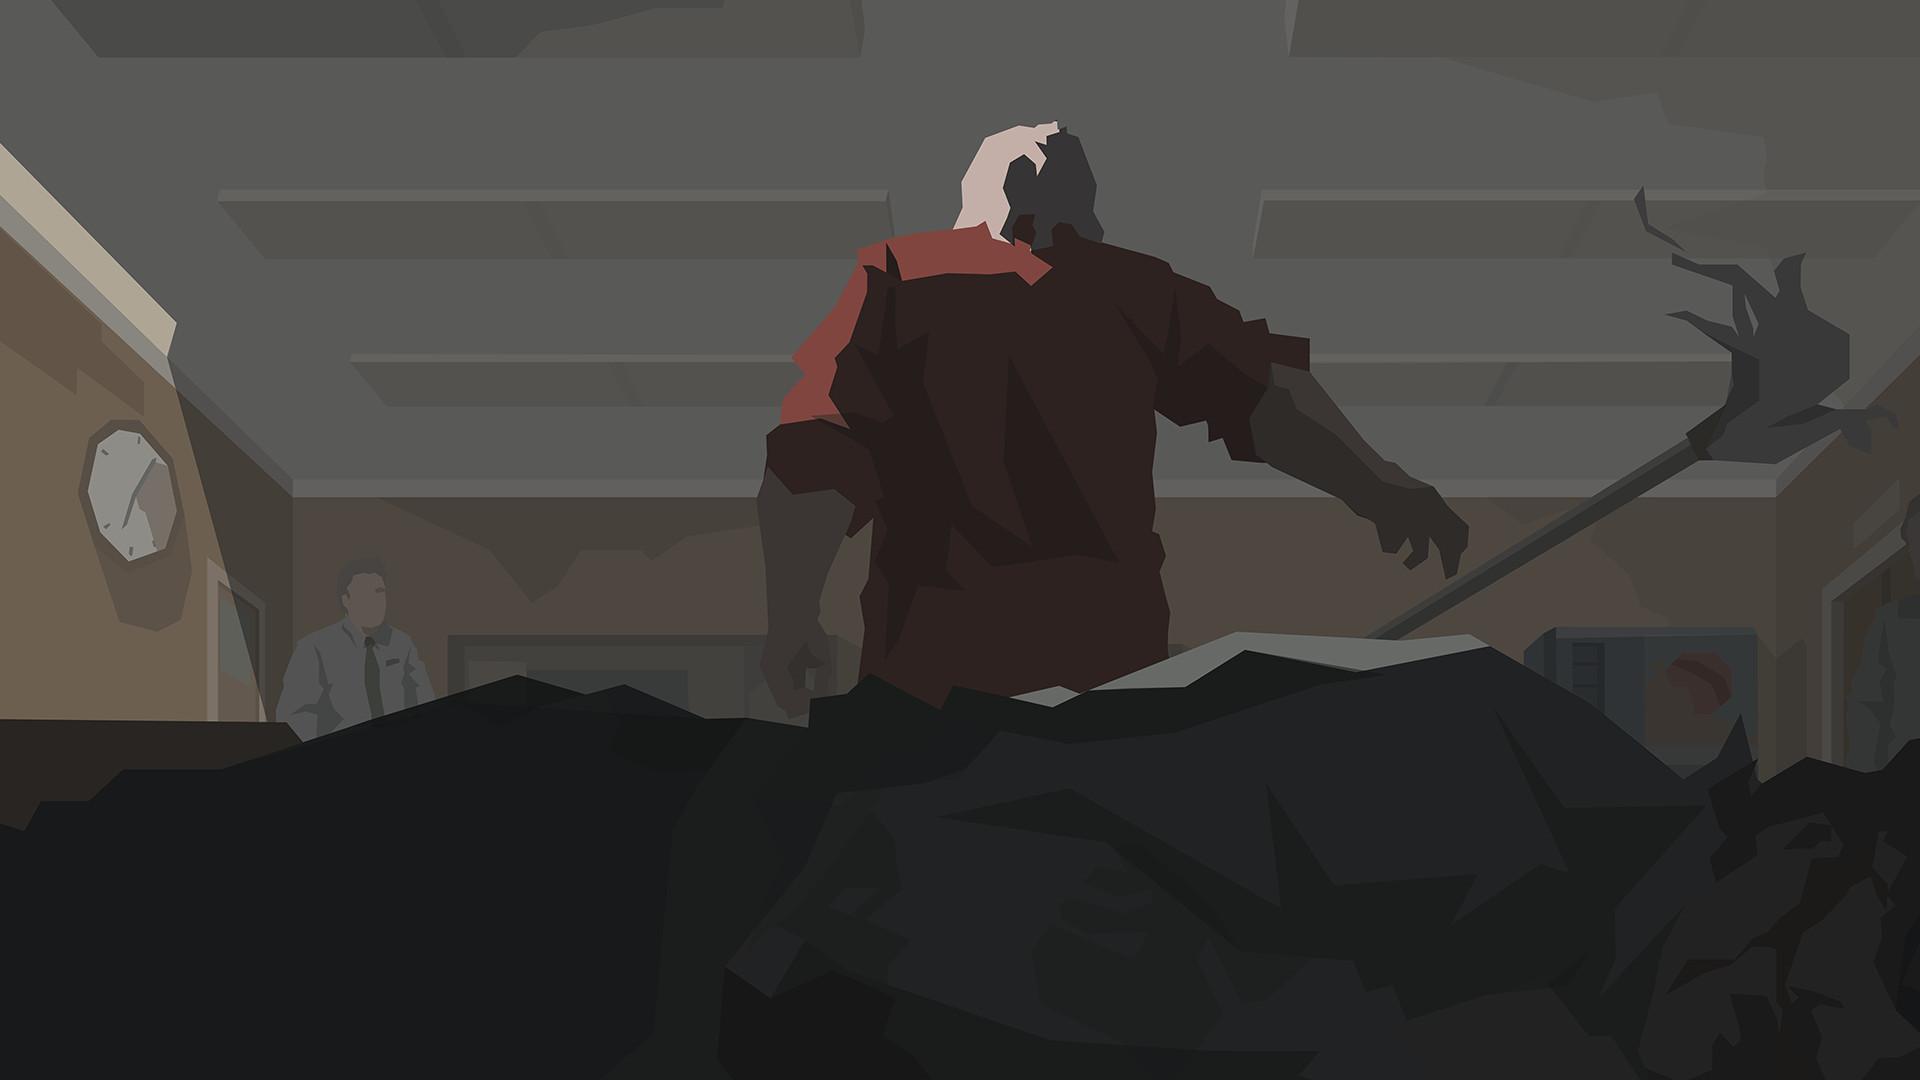 Опубликован первый геймплейный трейлер This Is the Police 2